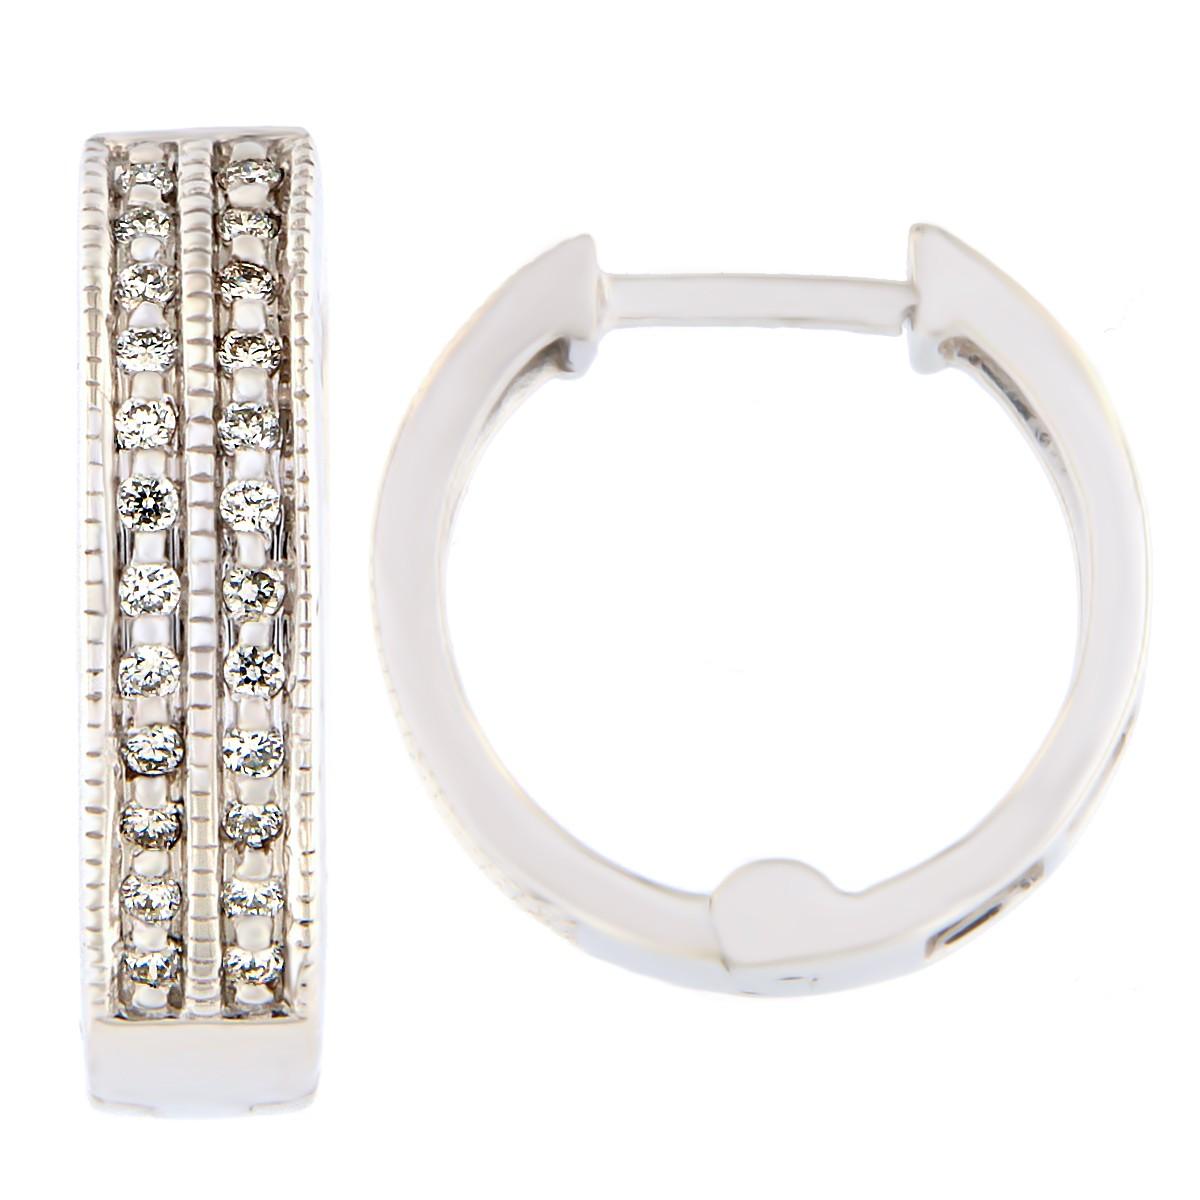 Kullast kõrvarõngad teemantidega 0,13 ct. Kood: 18at